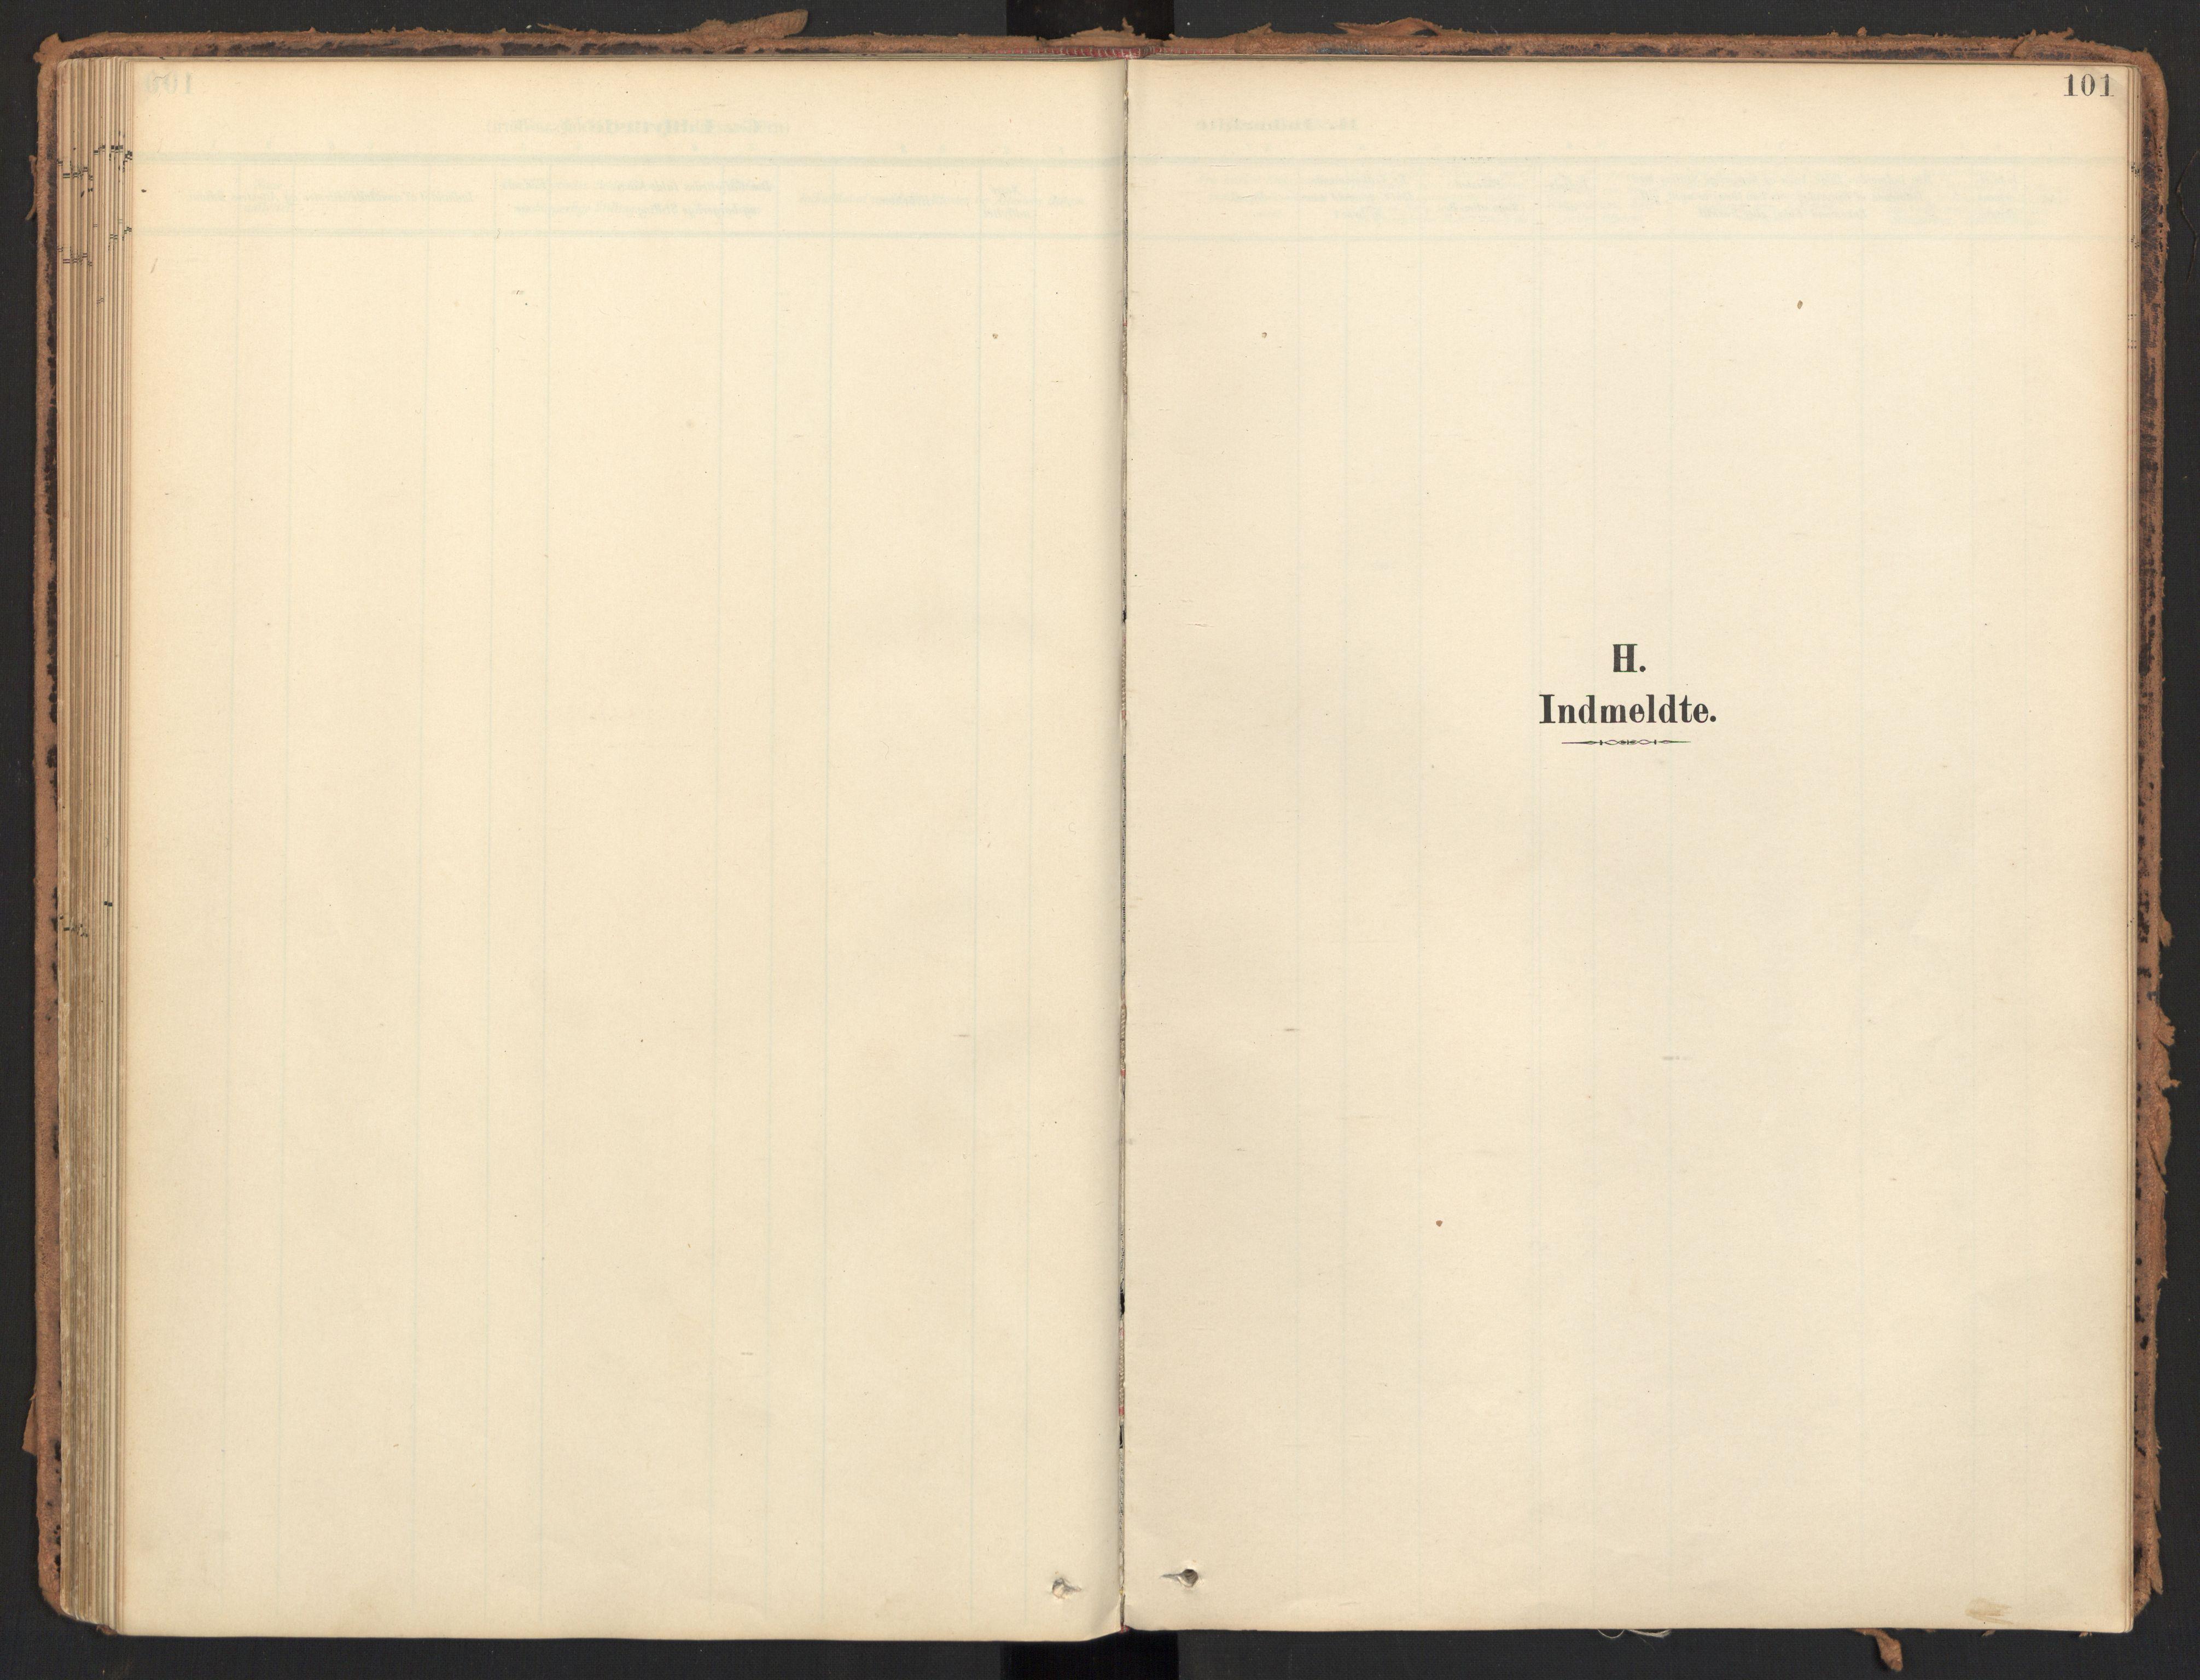 SAT, Ministerialprotokoller, klokkerbøker og fødselsregistre - Møre og Romsdal, 595/L1048: Parish register (official) no. 595A10, 1900-1917, p. 101